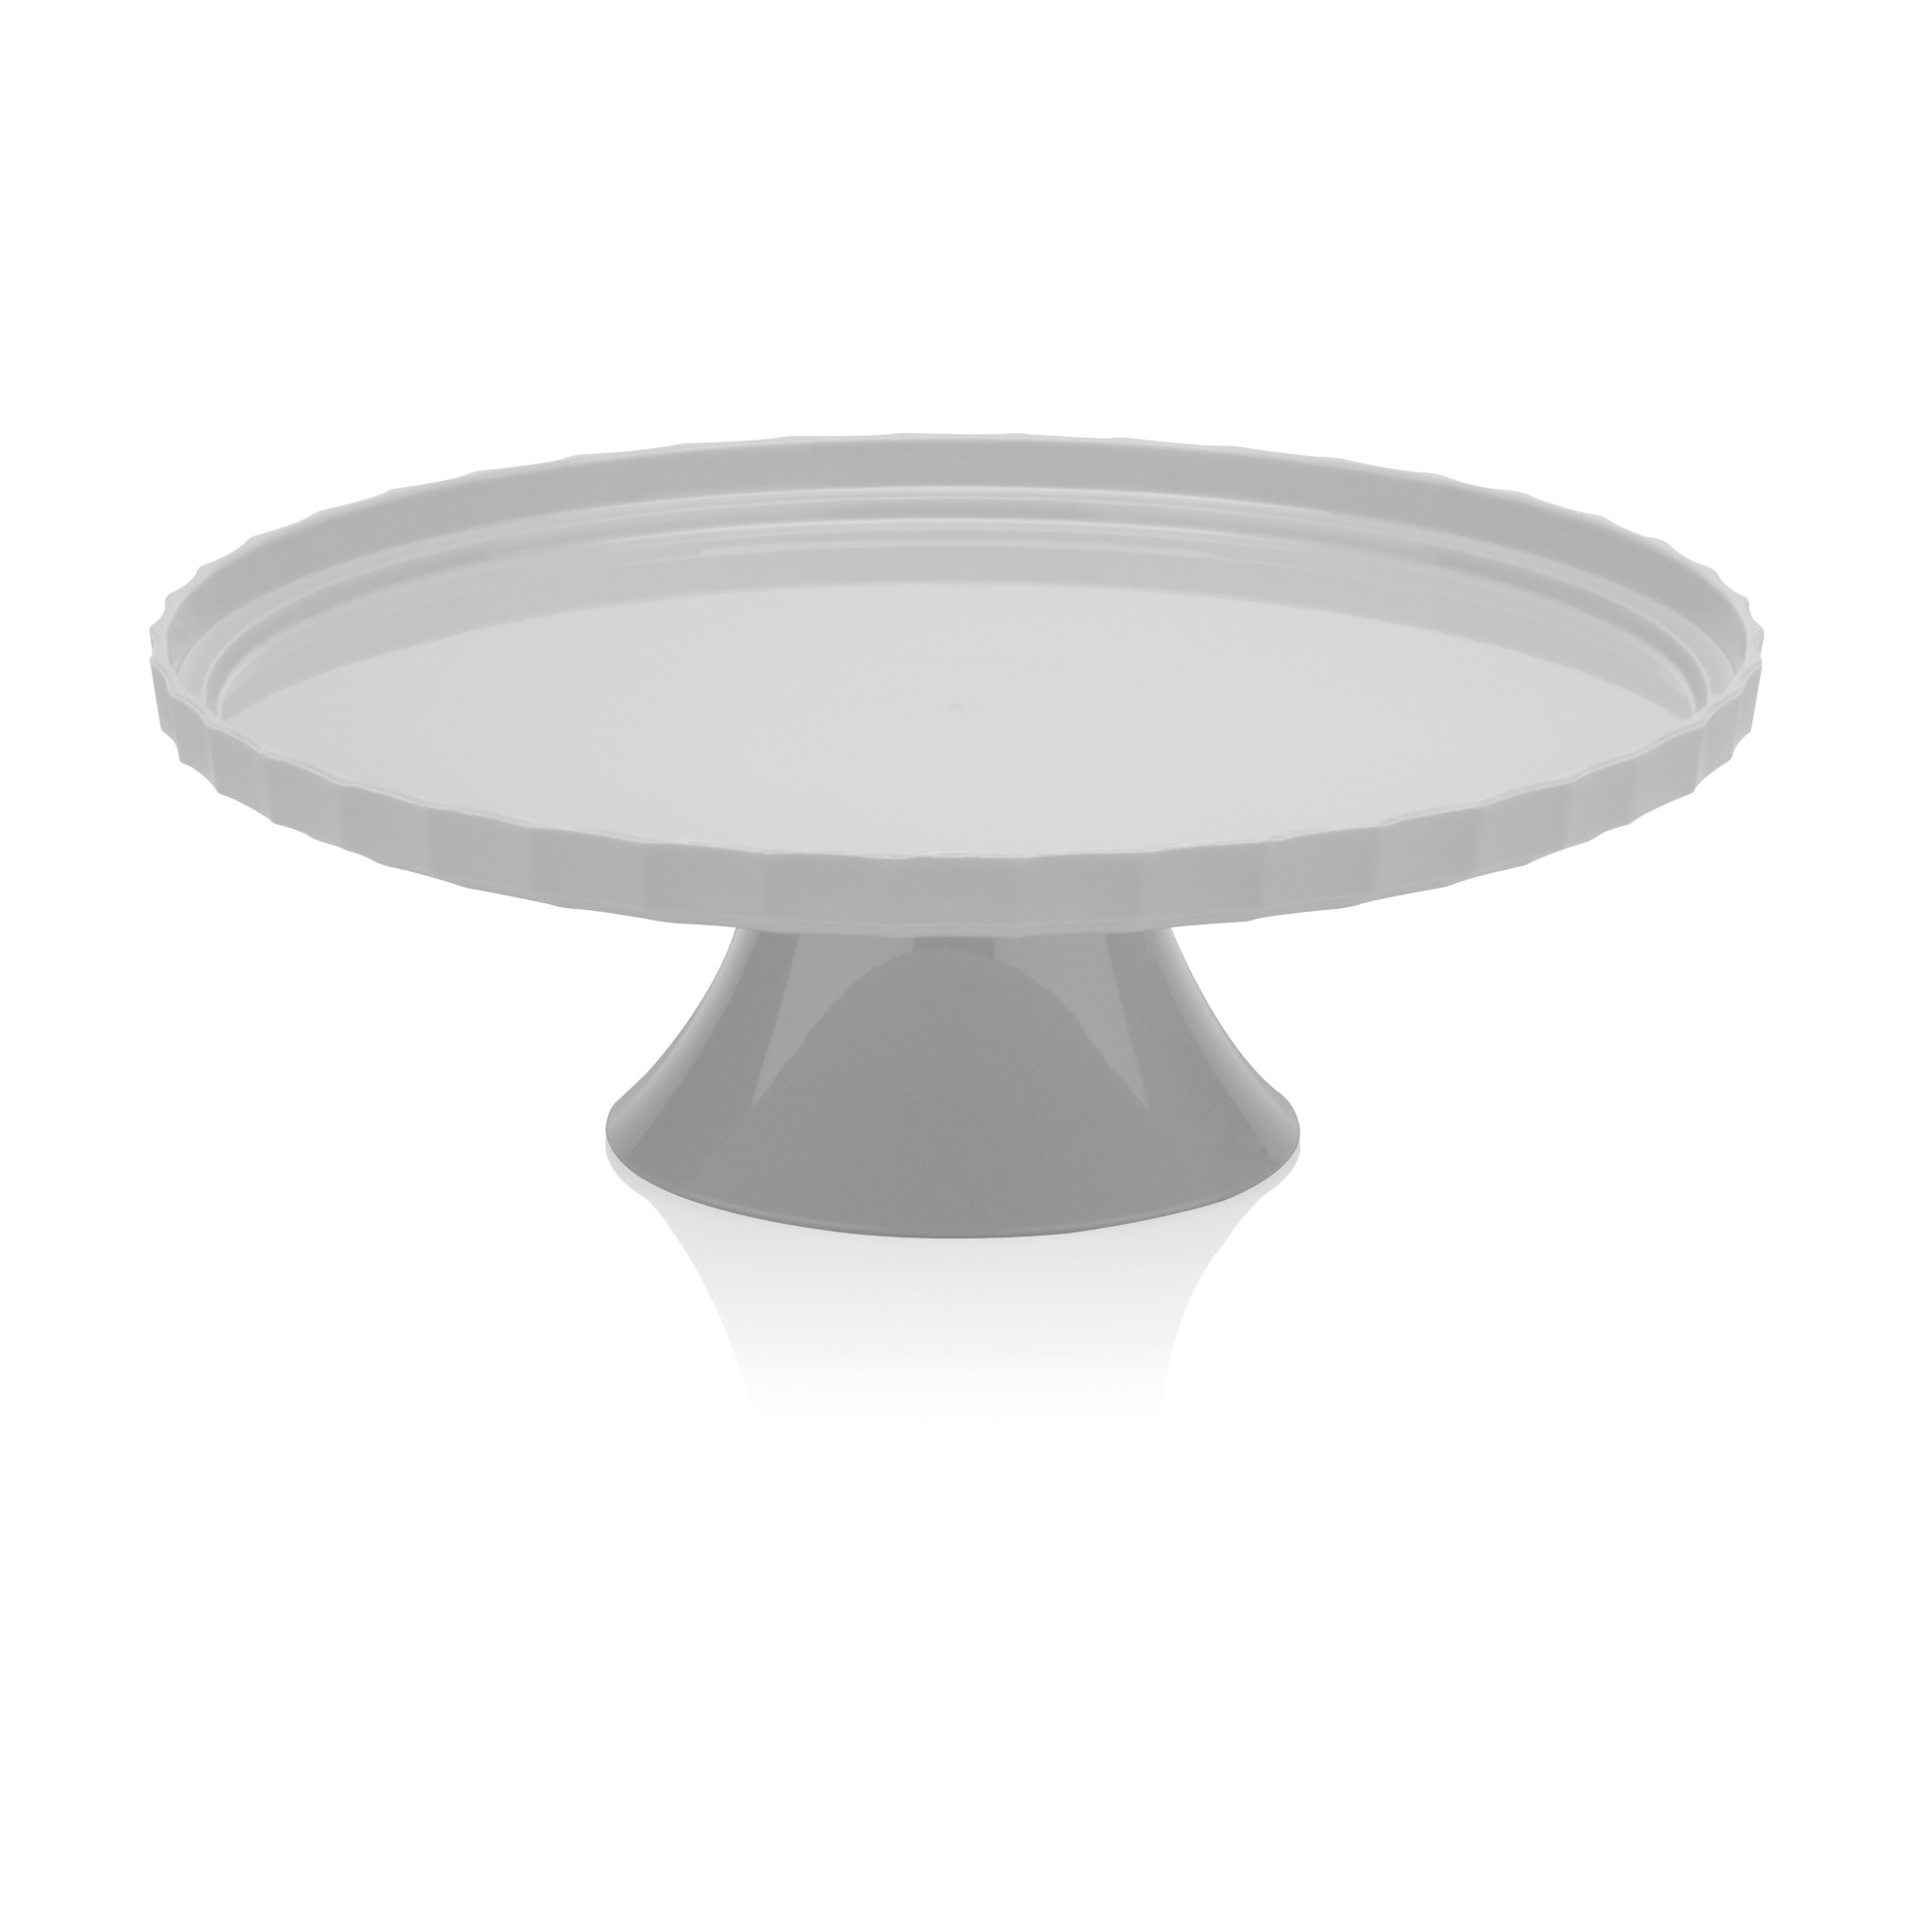 Prato para Bolo Plastico 265x85cm - PF301 - Ou